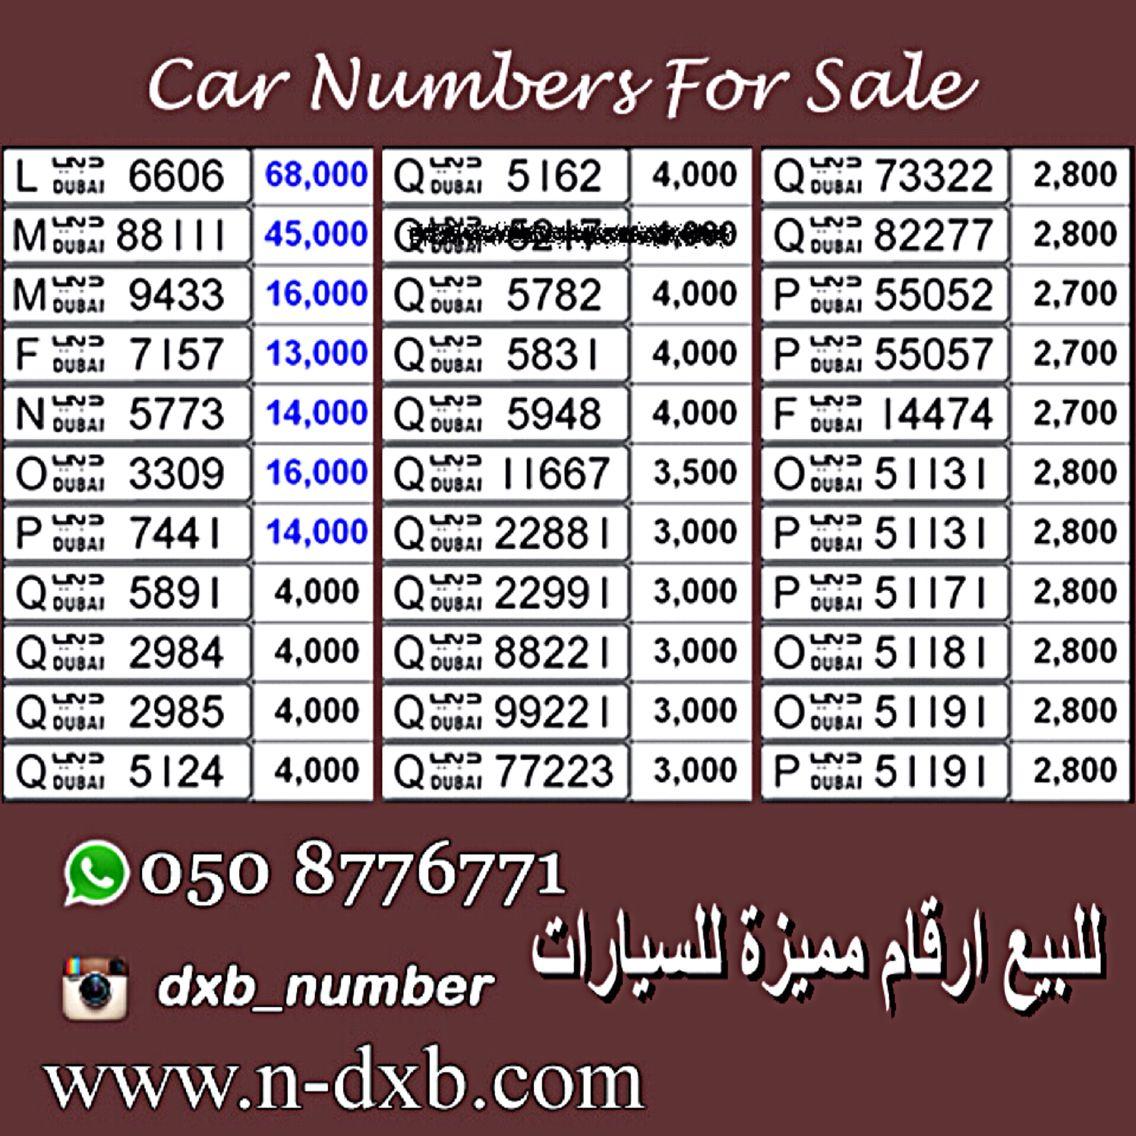 للبيع ارقام مميزة للأشخاص المميزين وللمزيد من الارقام يرجى اضافتنا الفراري للارقام المميزة I 0508776771 I Www N Dxb Com I Instagram Dxb Periodic Table